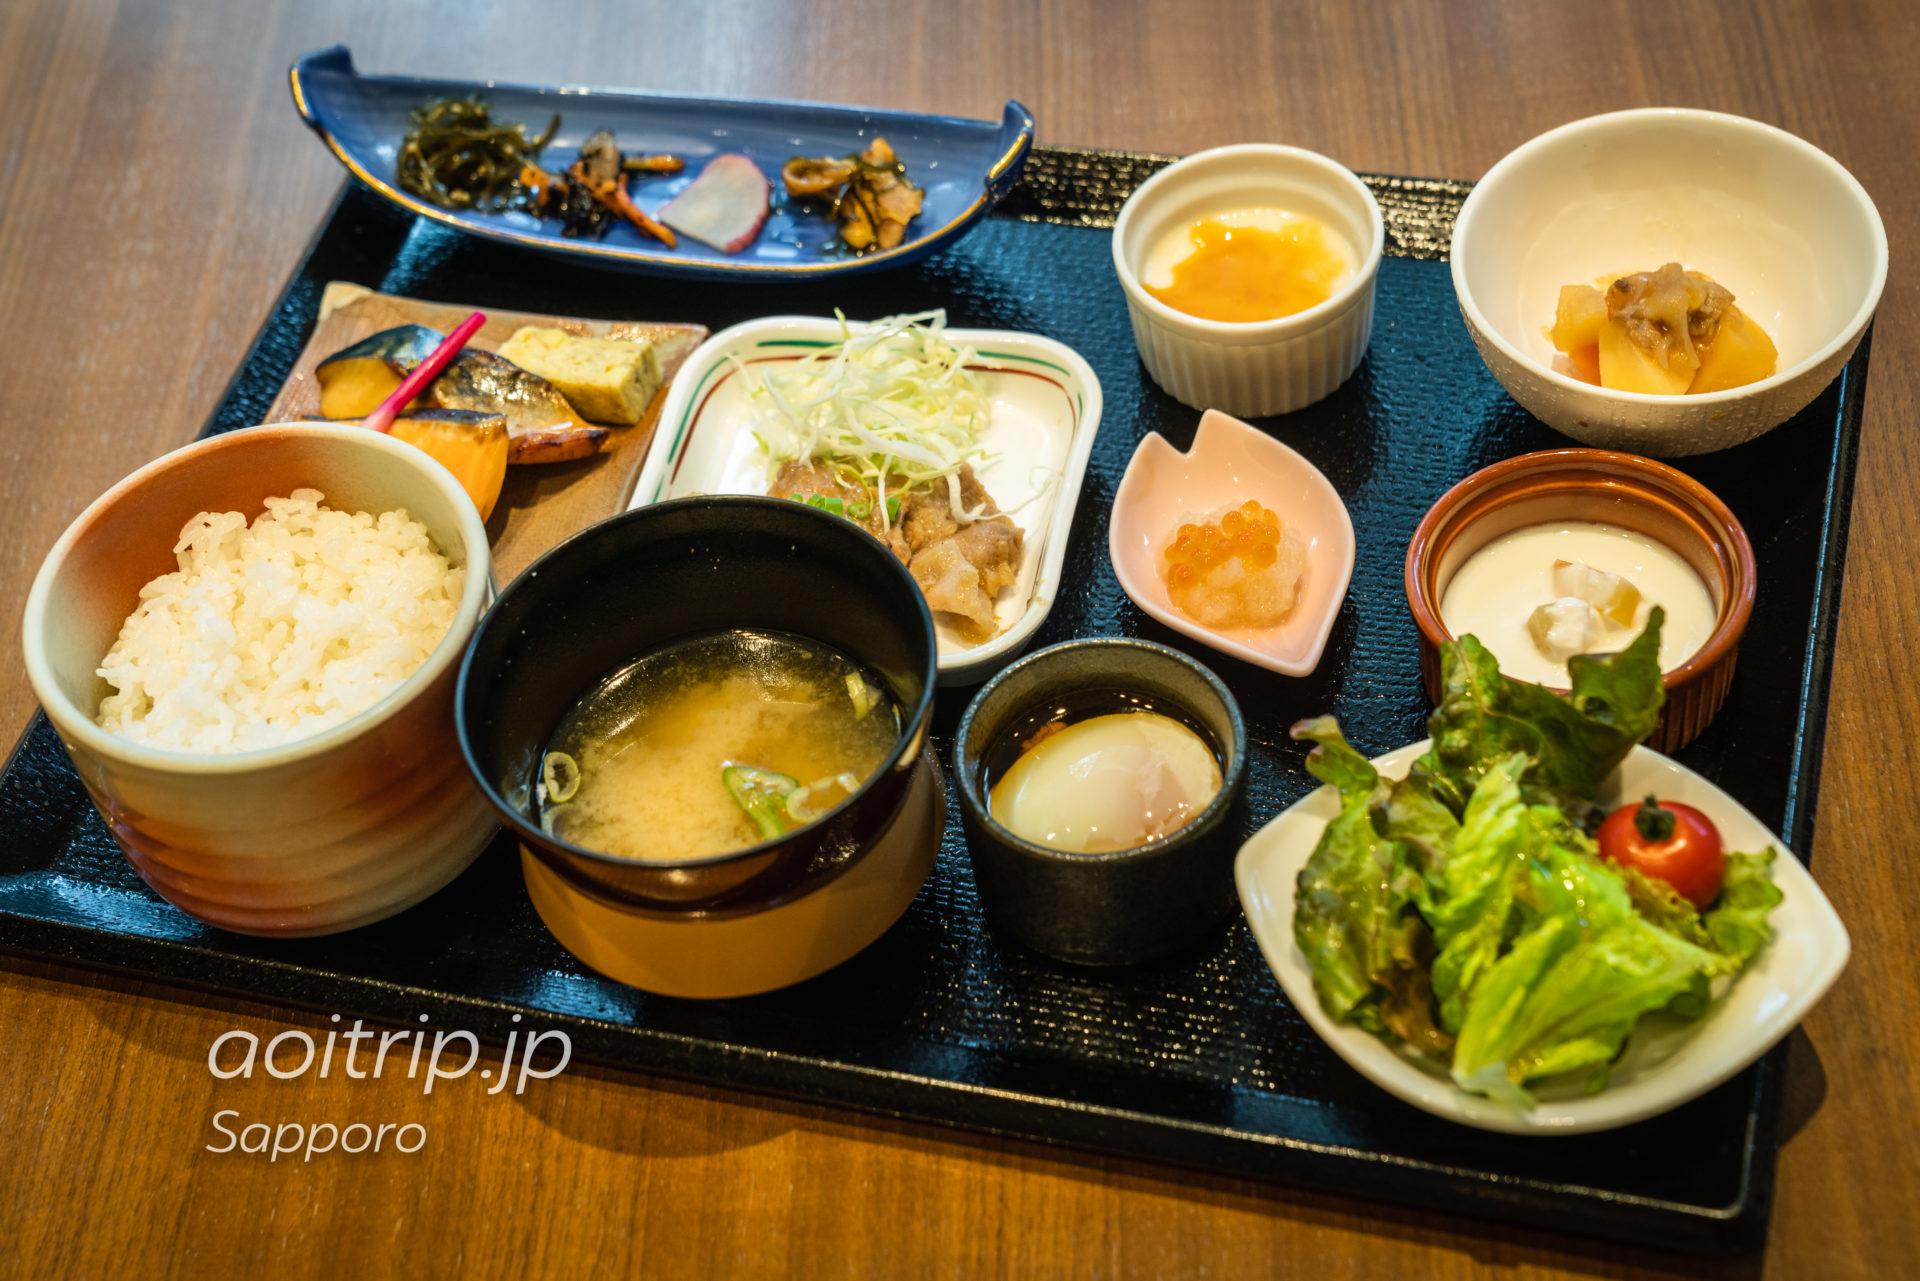 札幌ビューホテルのレストラン オードリーの朝食(和定食)